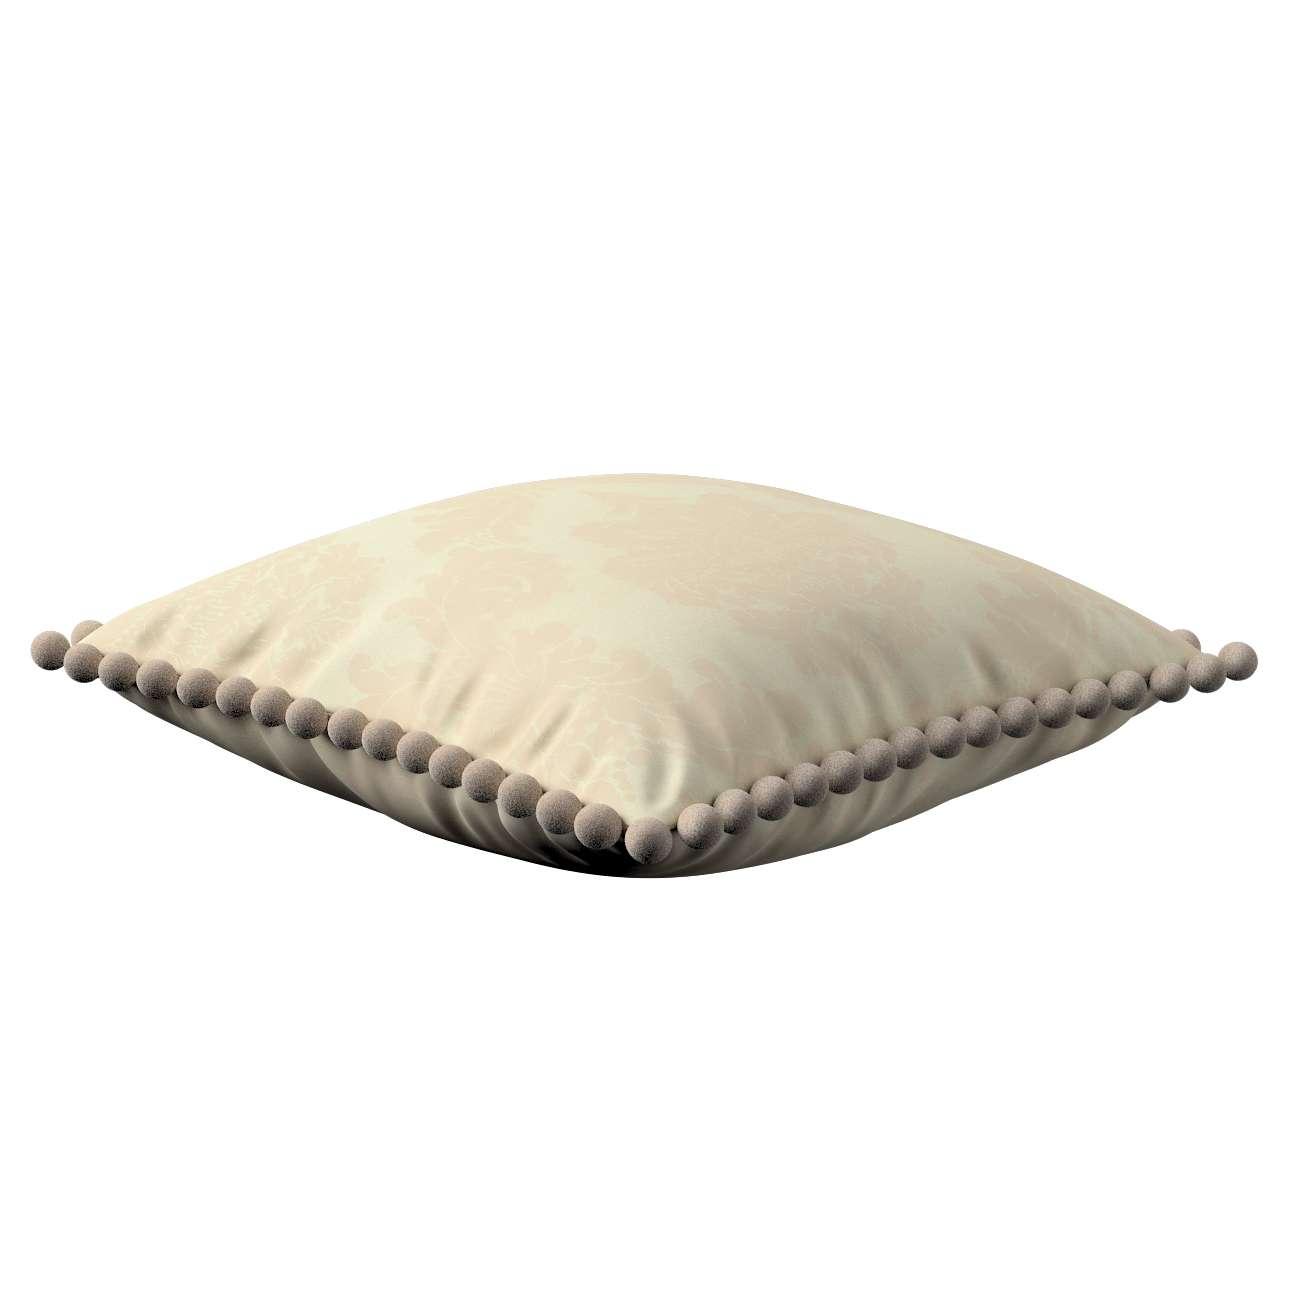 Wera dekoratyvinės pagalvėlės su žaismingais kraštais 45 x 45 cm kolekcijoje Damasco, audinys: 613-01